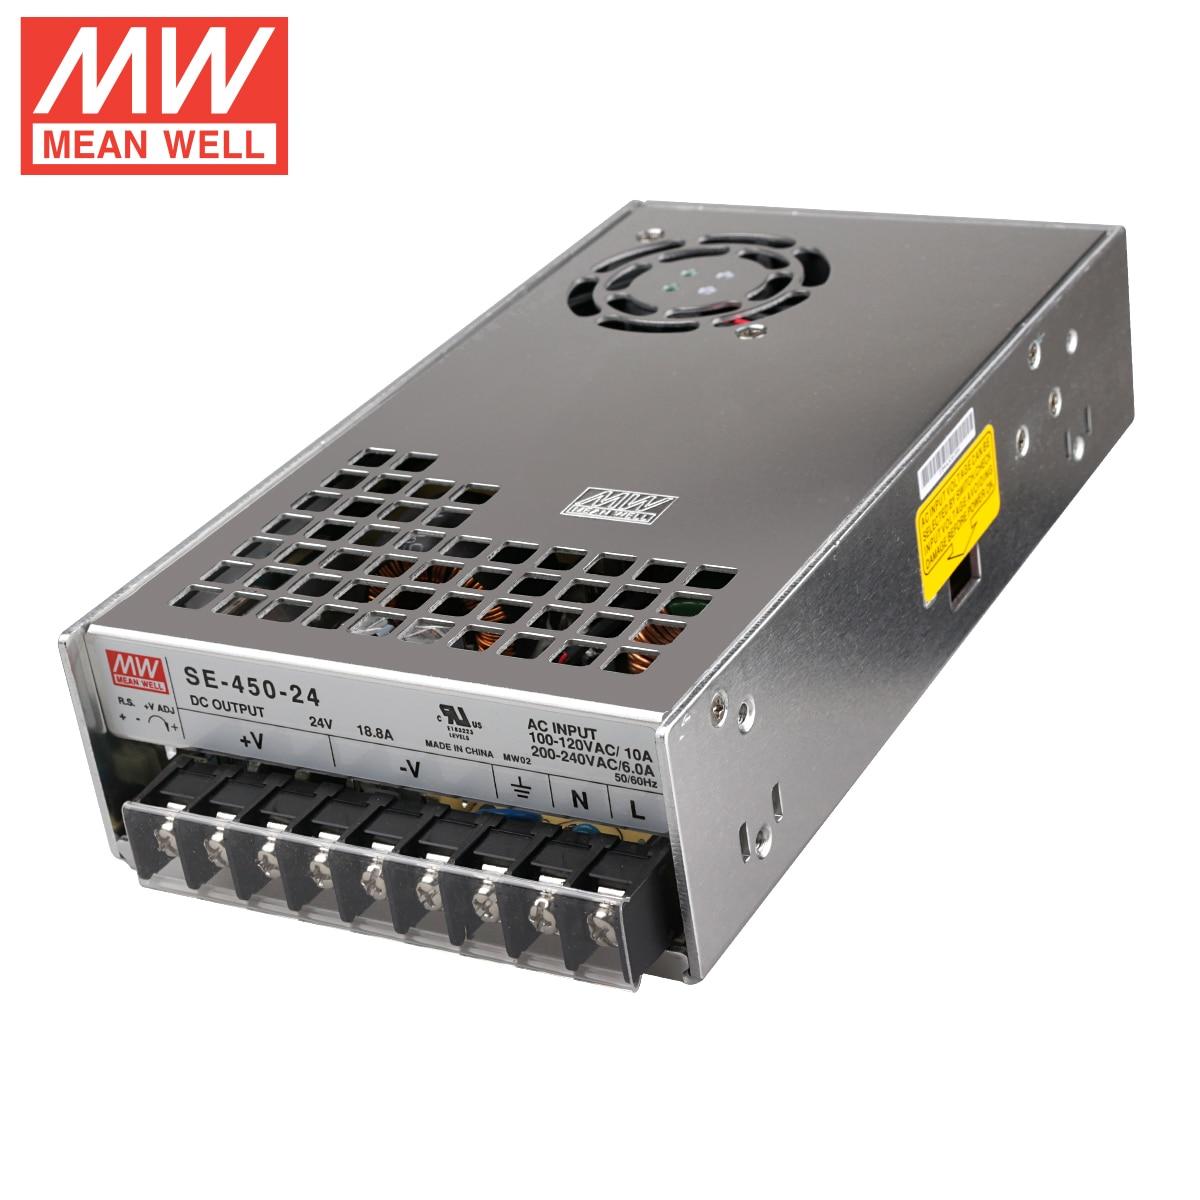 طابعة BLV ثلاثية الأبعاد PSU حقيقية SE-450-24 ميانويل 24V18.8A 450 واط